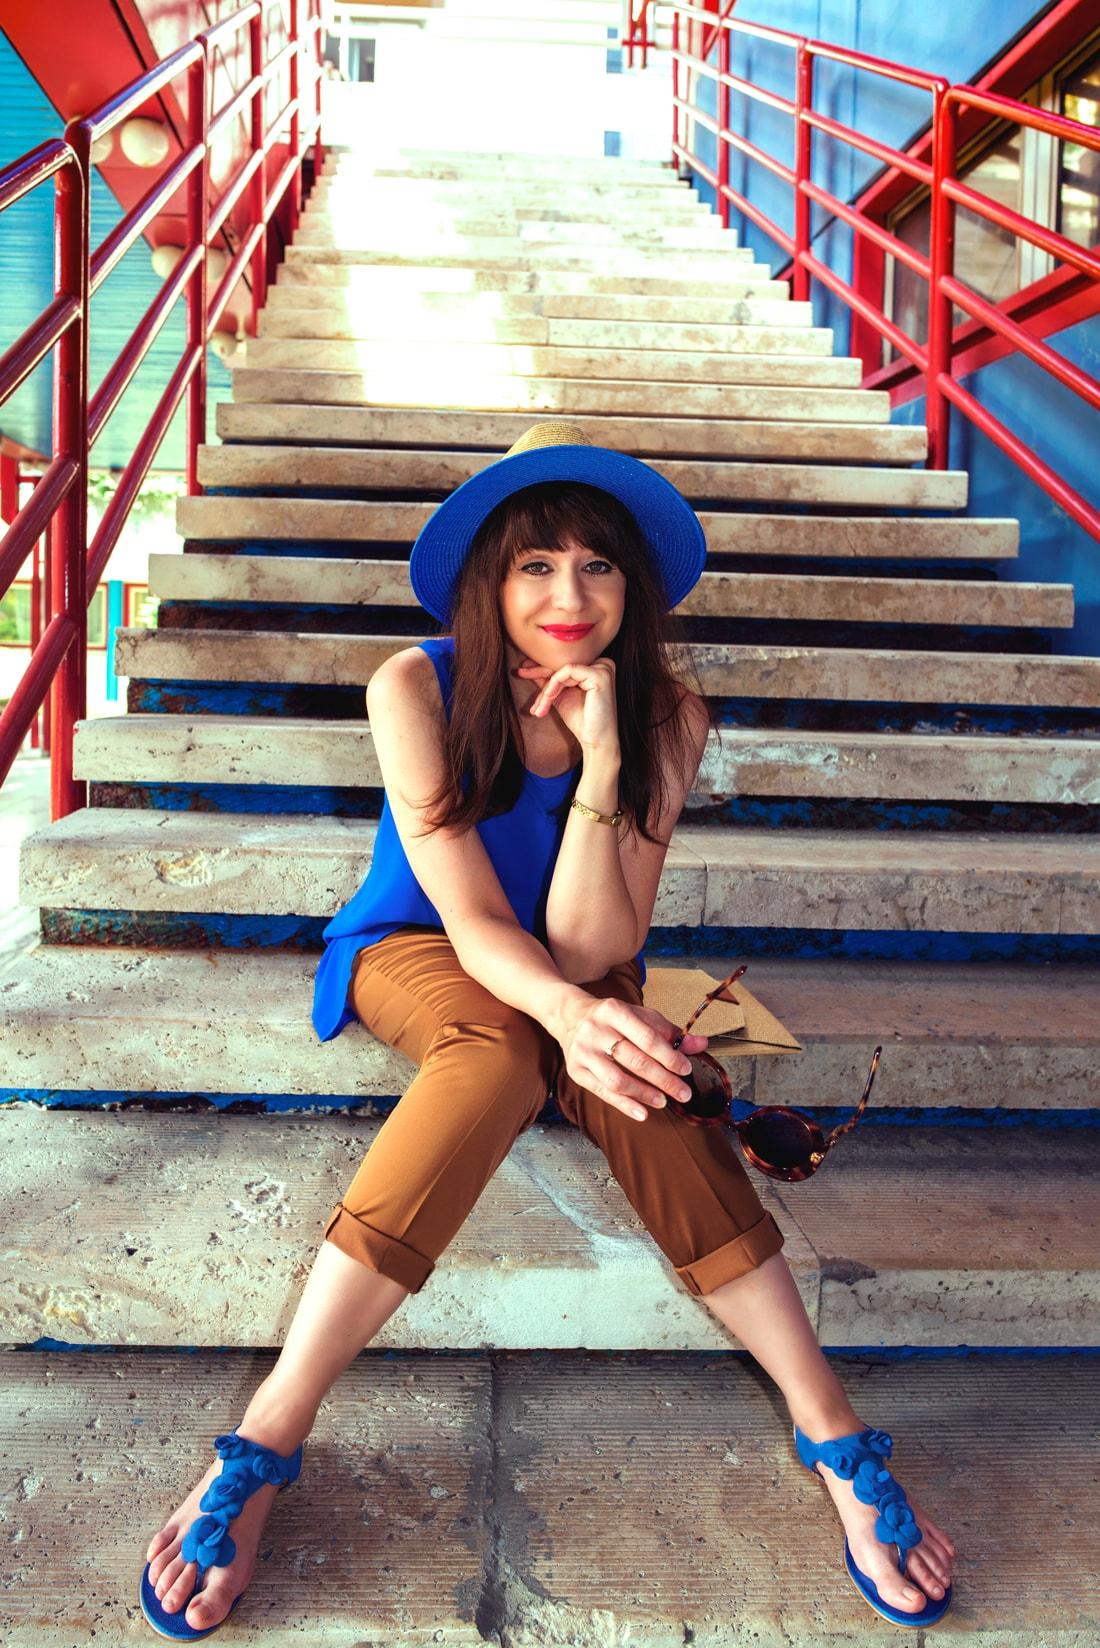 INŠPIRÁCIA NA JAR/LETO 2018 ALEBO AKO NOSIŤ KLOBÚK_Katharine-fashion is beautiful_Blog 10_Slamený klobúk Parfois_Slamená listová kabelka_OOTD_Katarína Jakubčová_Fashion blogger